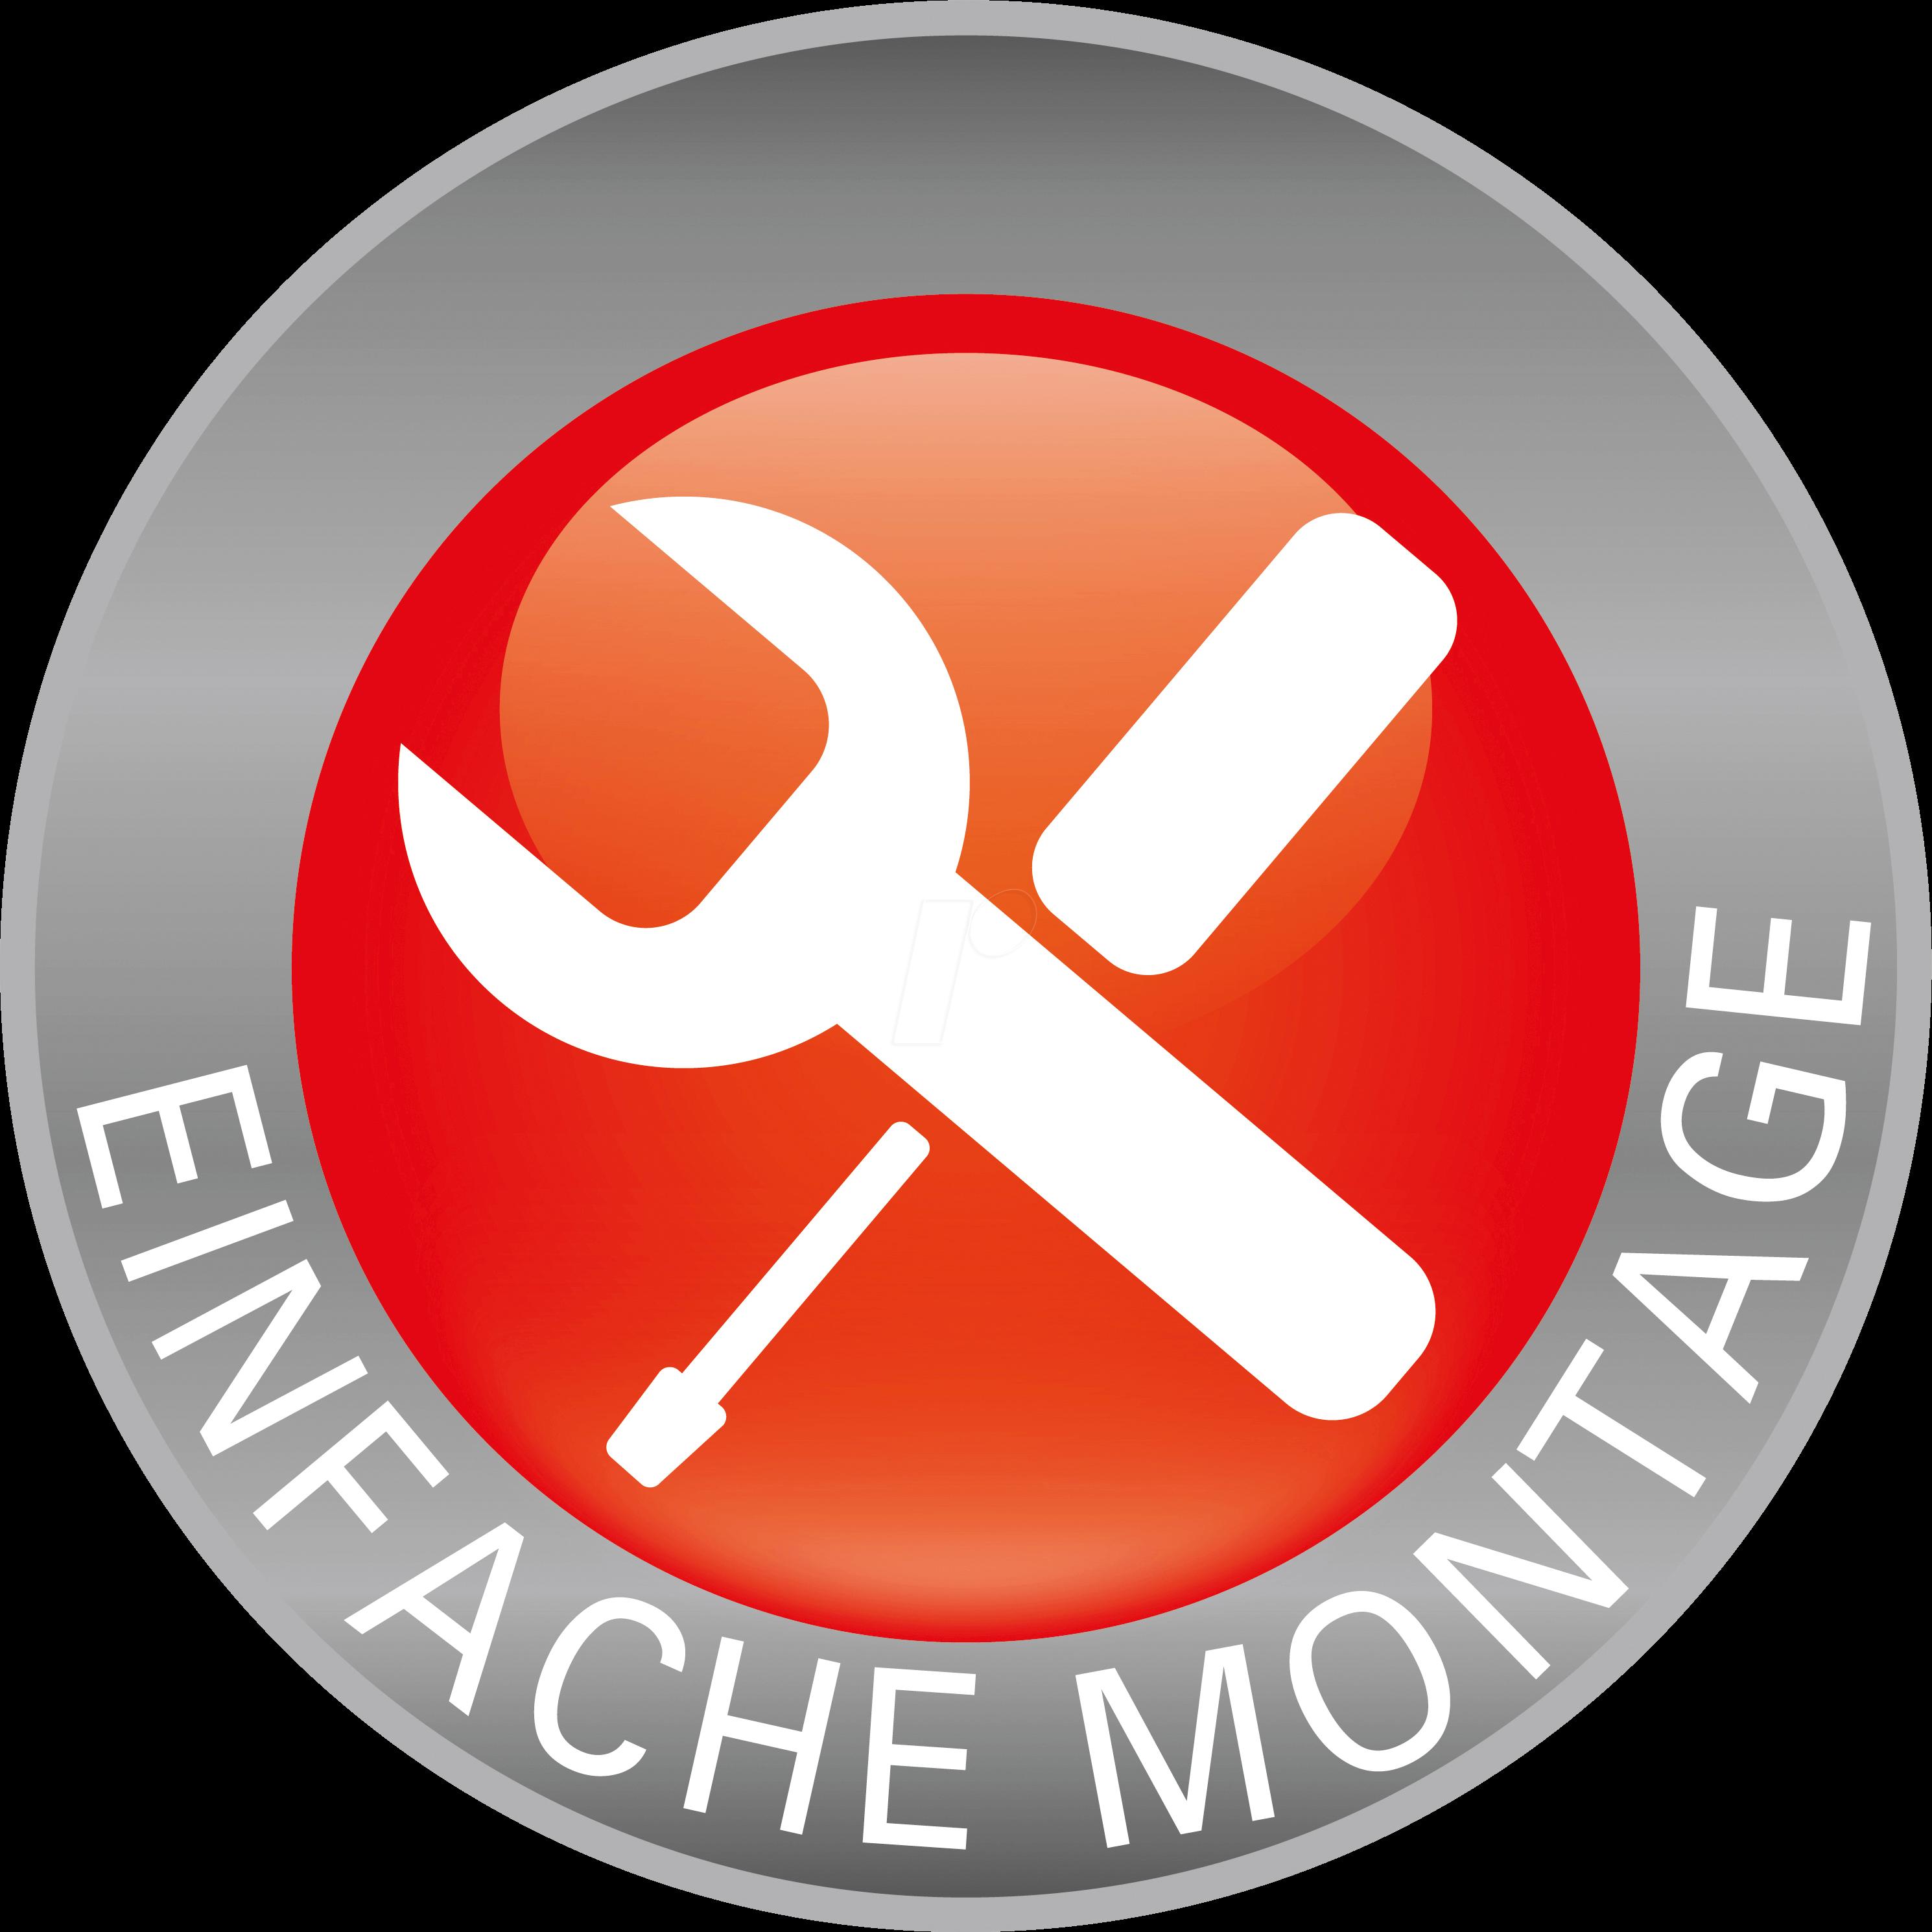 https://cdn-reichelt.de/bilder/web/xxl_ws/E910/ET_SPIRIT_ZWAVE_17.png